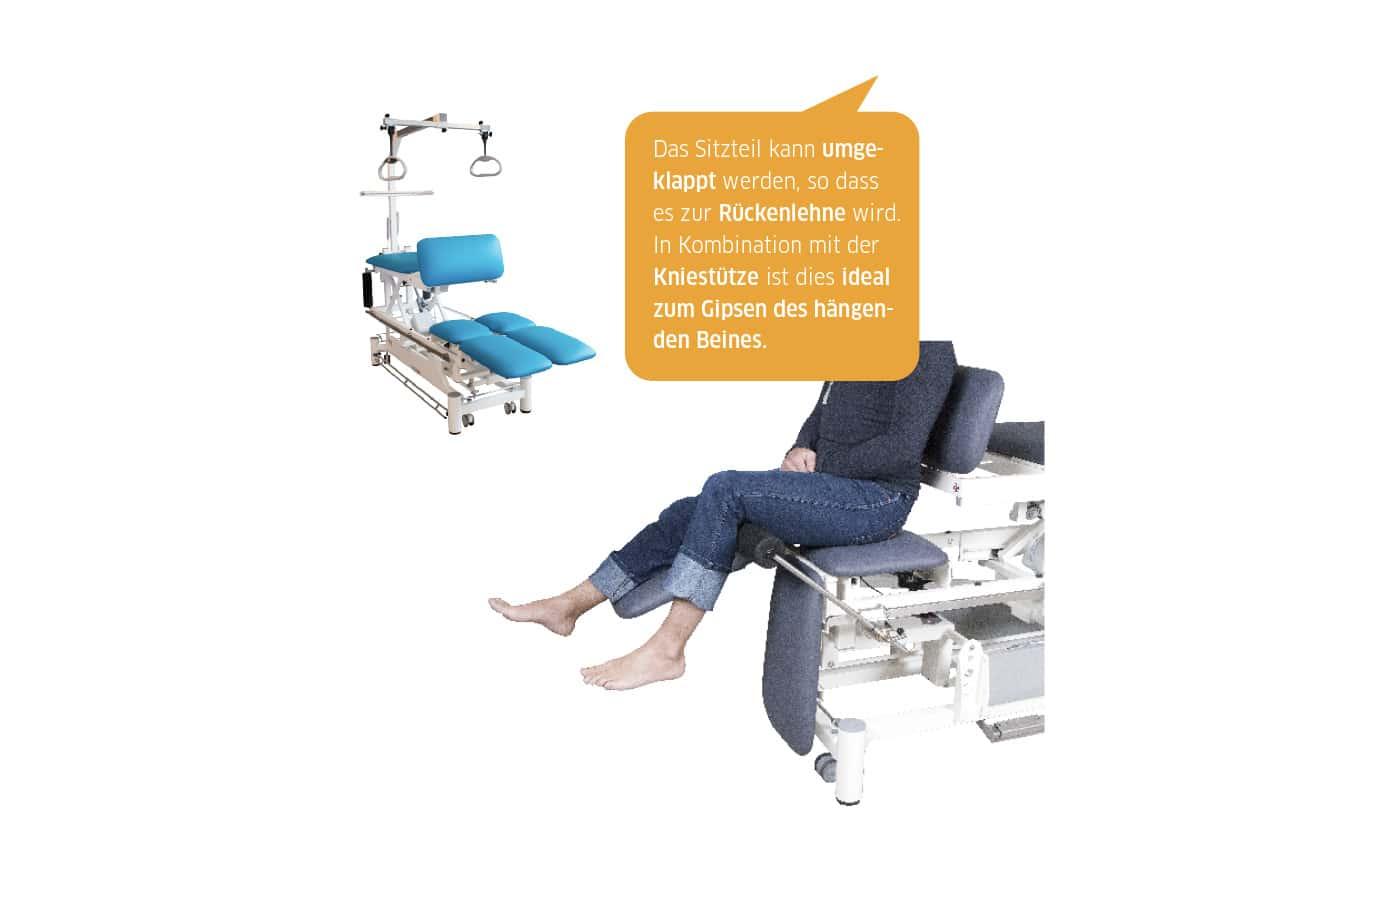 Die Möglichkeiten rund um unsere Gipsliegen sind zahlreich. Dank der großen Auswahl an Zubehörteilen können Sie sich die Liegen so konfigurieren, wie Sie sie für Ihre Behandlungen benötigen.  Hier zeigen wir Ihnen: Schaffen einer zusätzlichen Sitzfläche - komfortabel und optimal zum Gipsen